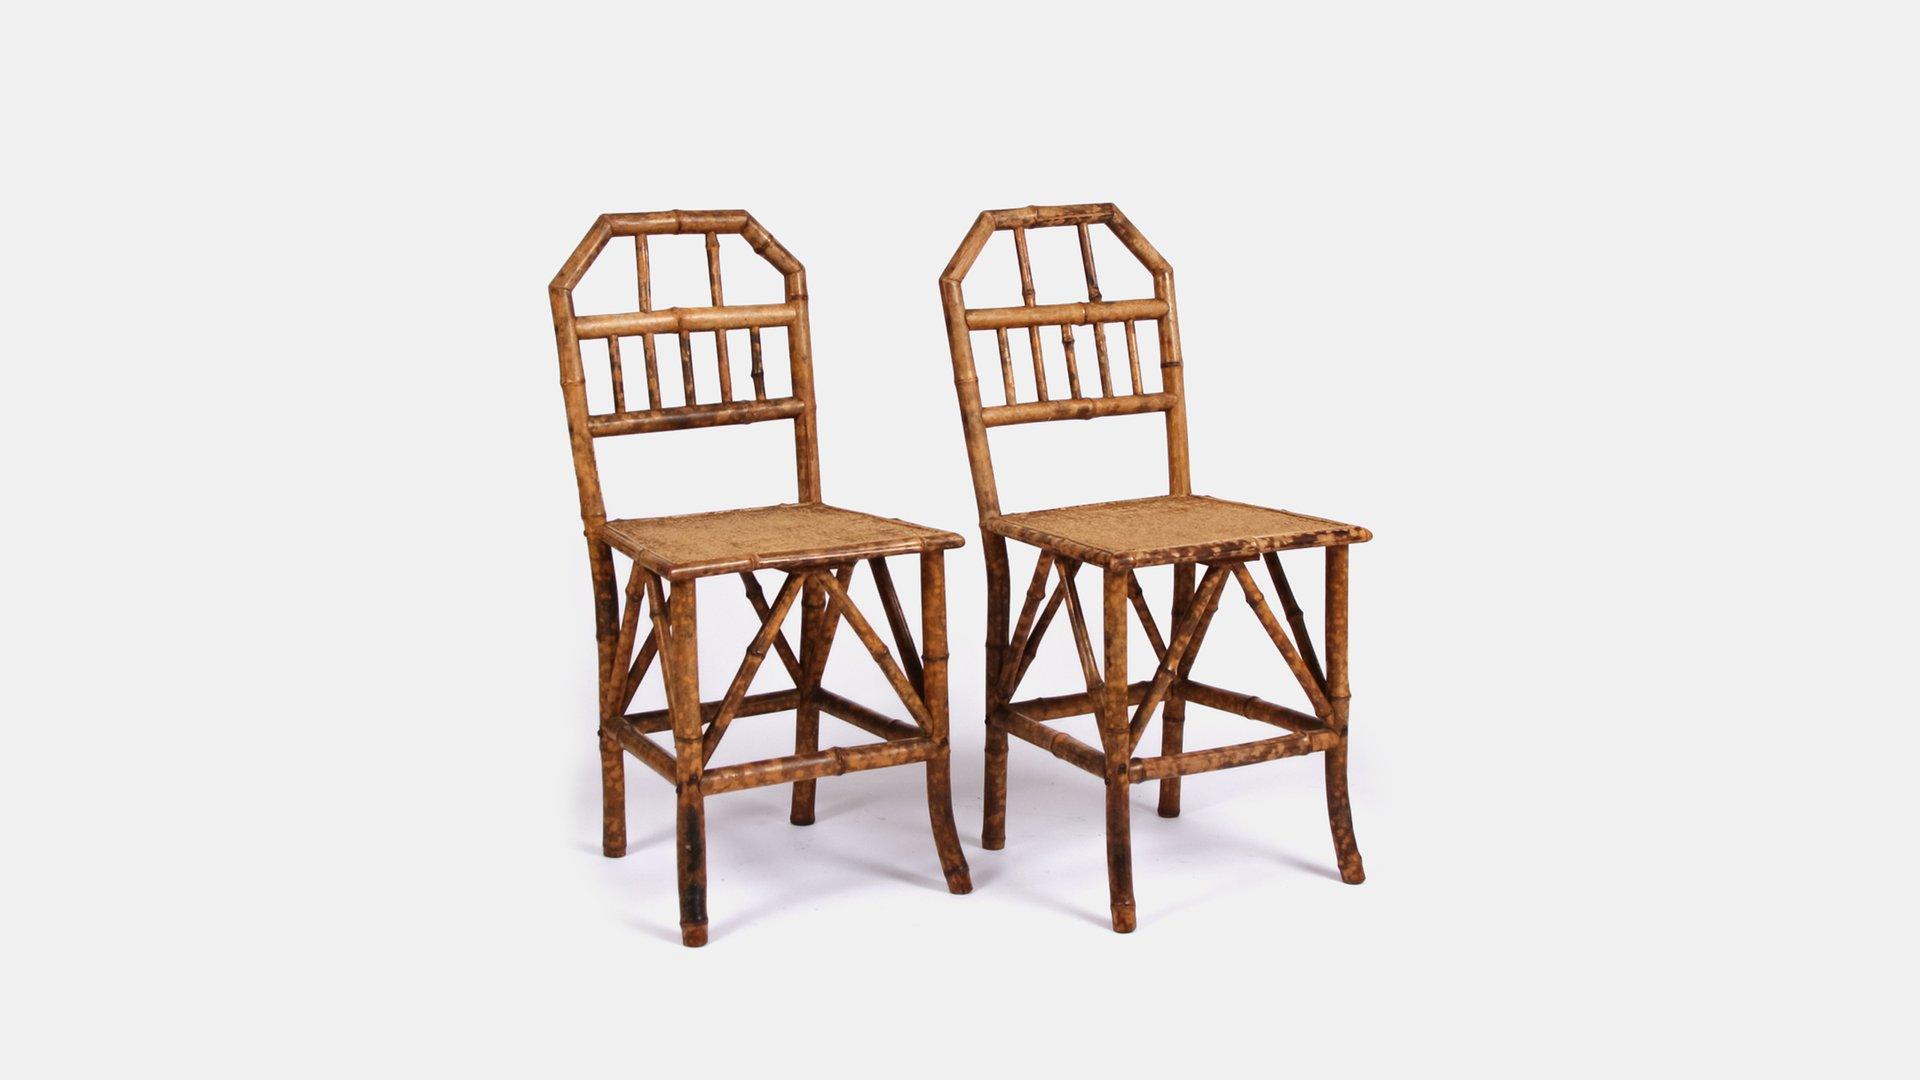 viktorianische bambus st hle 2er set bei pamono kaufen. Black Bedroom Furniture Sets. Home Design Ideas